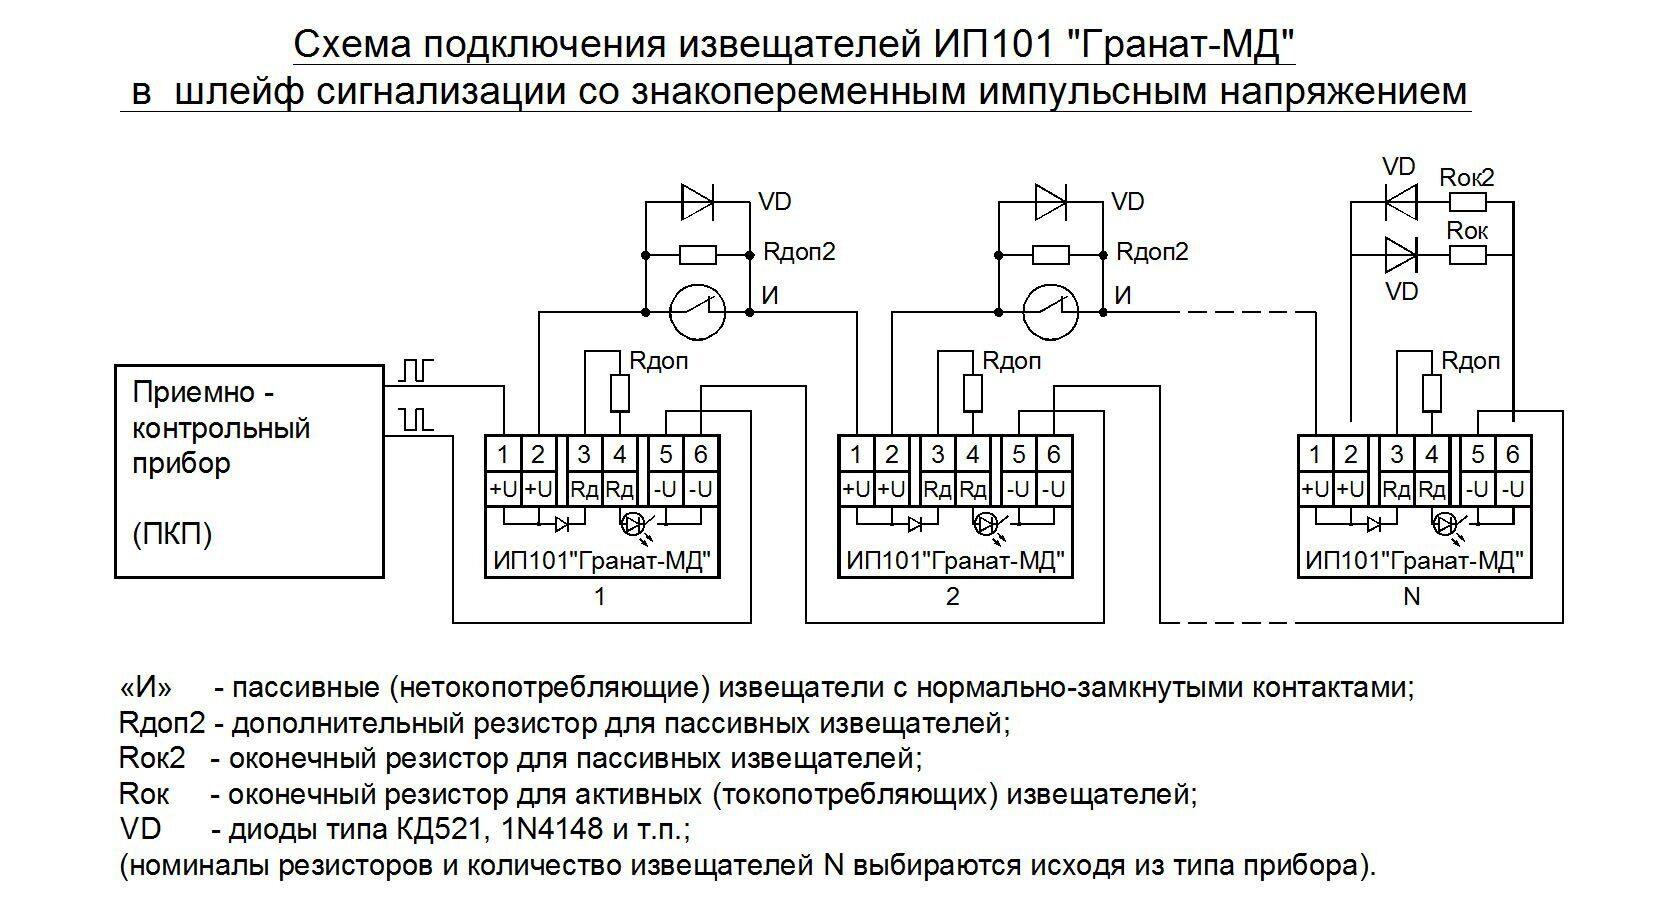 Обогреватель взрывозащищенный овэ-4 схема подключения Уралпром-Ex - Обогреватели взрывозащищенные